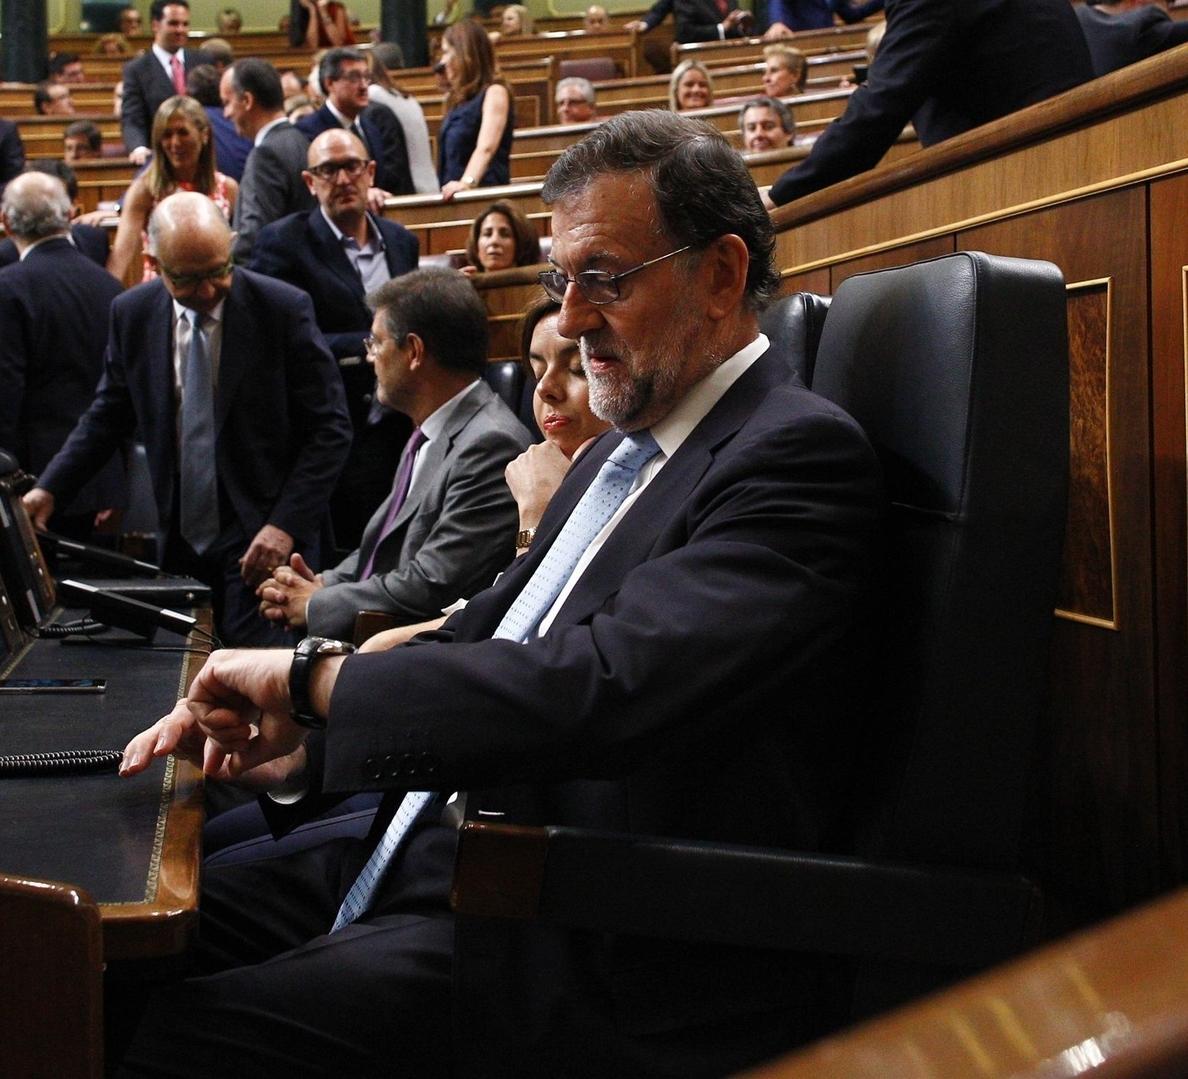 La Diputación Permanente del Congreso debatirá el jueves si llama a comparecer a Rajoy y ocho ministros